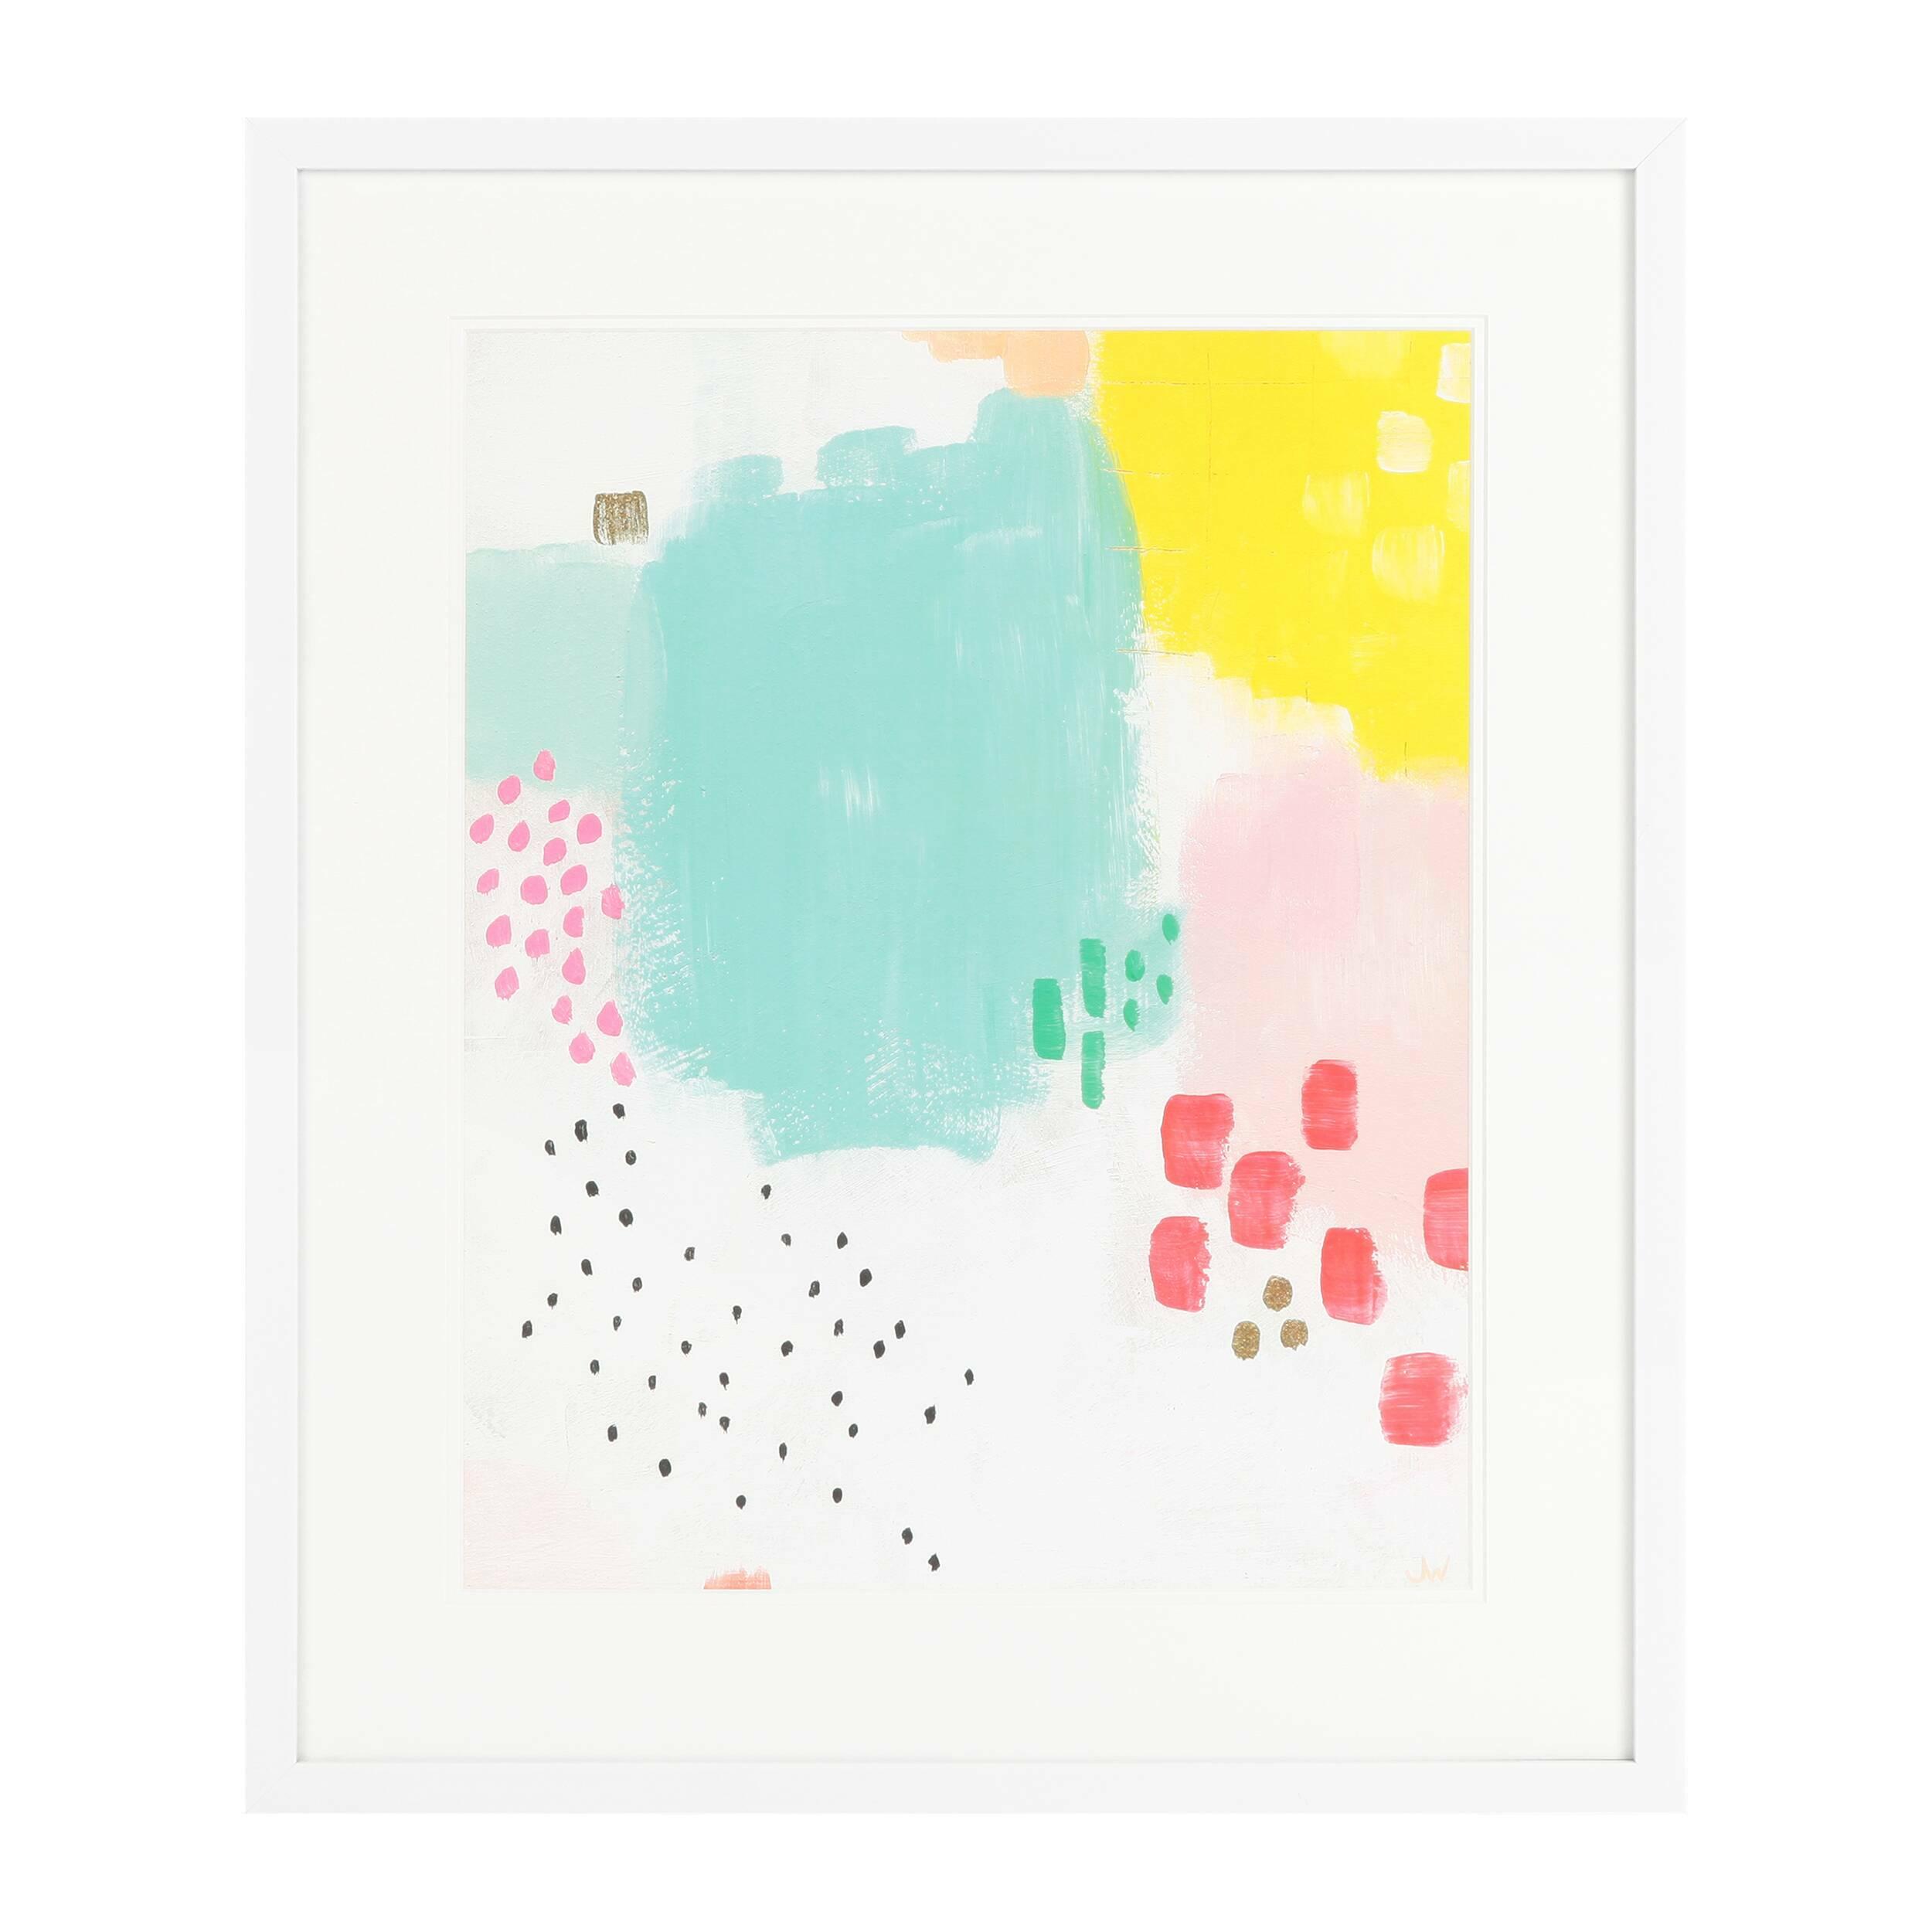 Постер Dots and MottleКартины<br>Дизайнерский постер Dots and Mottle (Дотс энд Мотл) – это оригинальное творение абстрактного жанра, которое сочетает в себе простые формы и красивую, яркую цветовую гамму. Палитра состоит из пастельных оттенков розового, бирюзового, желтого, зеленого и других цветов – замечательный способ привнести в помещение жизнерадостную, солнечную атмосферу.<br><br><br> Dots and Mottle в переводе с английского означает «точки и пятна». Абстракция оформлена в элегантную белоснежную рамку – идеальный вариант...<br><br>stock: 11<br>Ширина: 55,8<br>Цвет: Разноцветный<br>Длина: 65,8